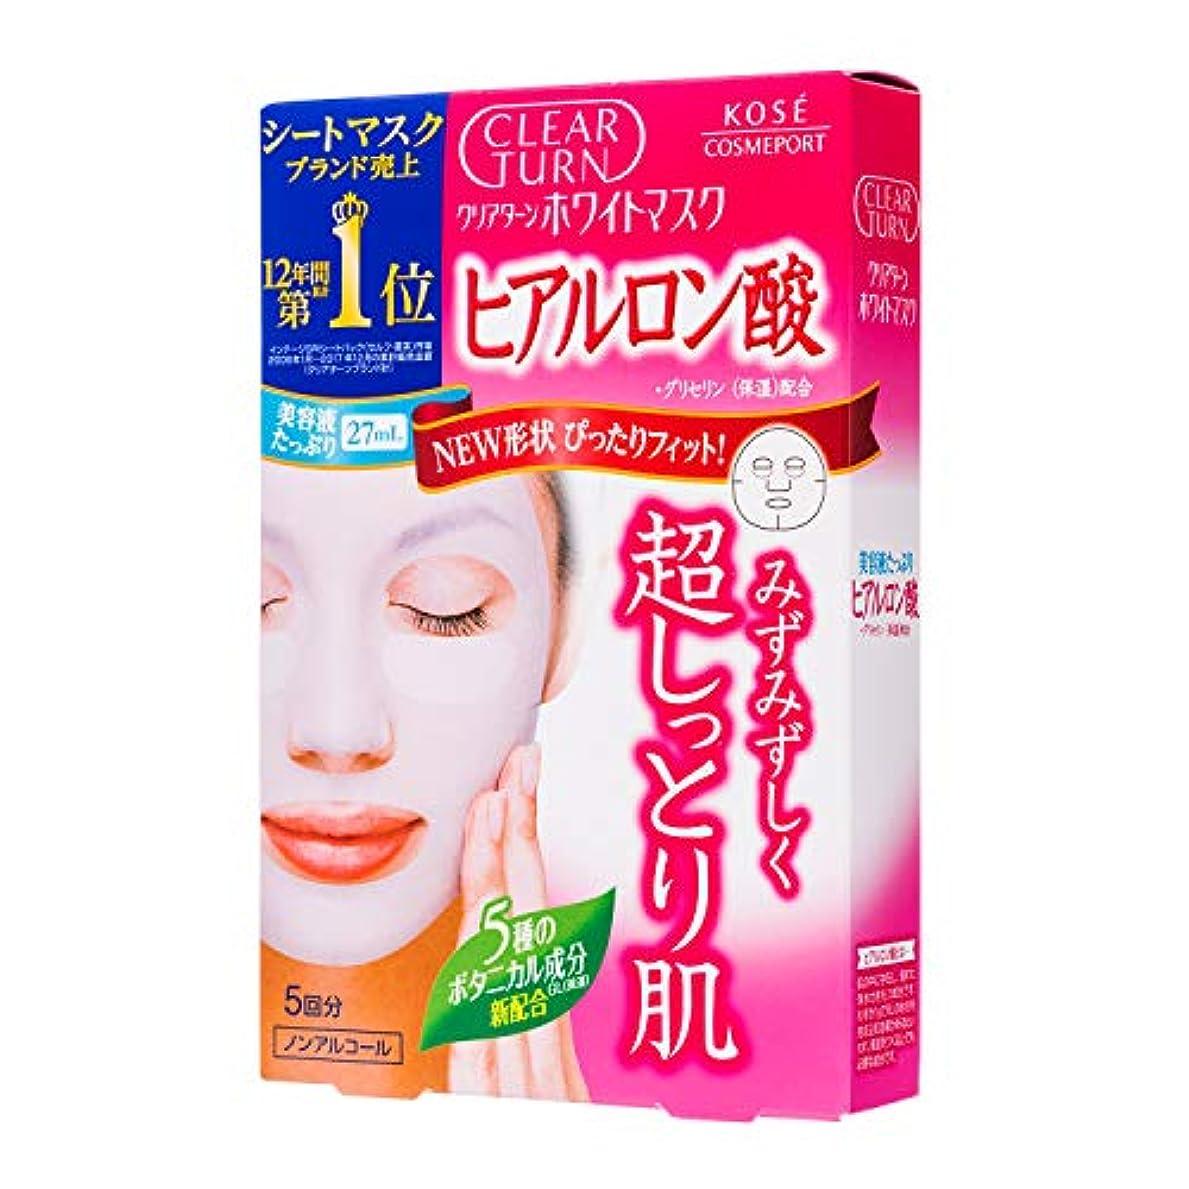 野なプール申請中KOSE クリアターン ホワイト マスク HA d (ヒアルロン酸) 5回分 (22mL×5)